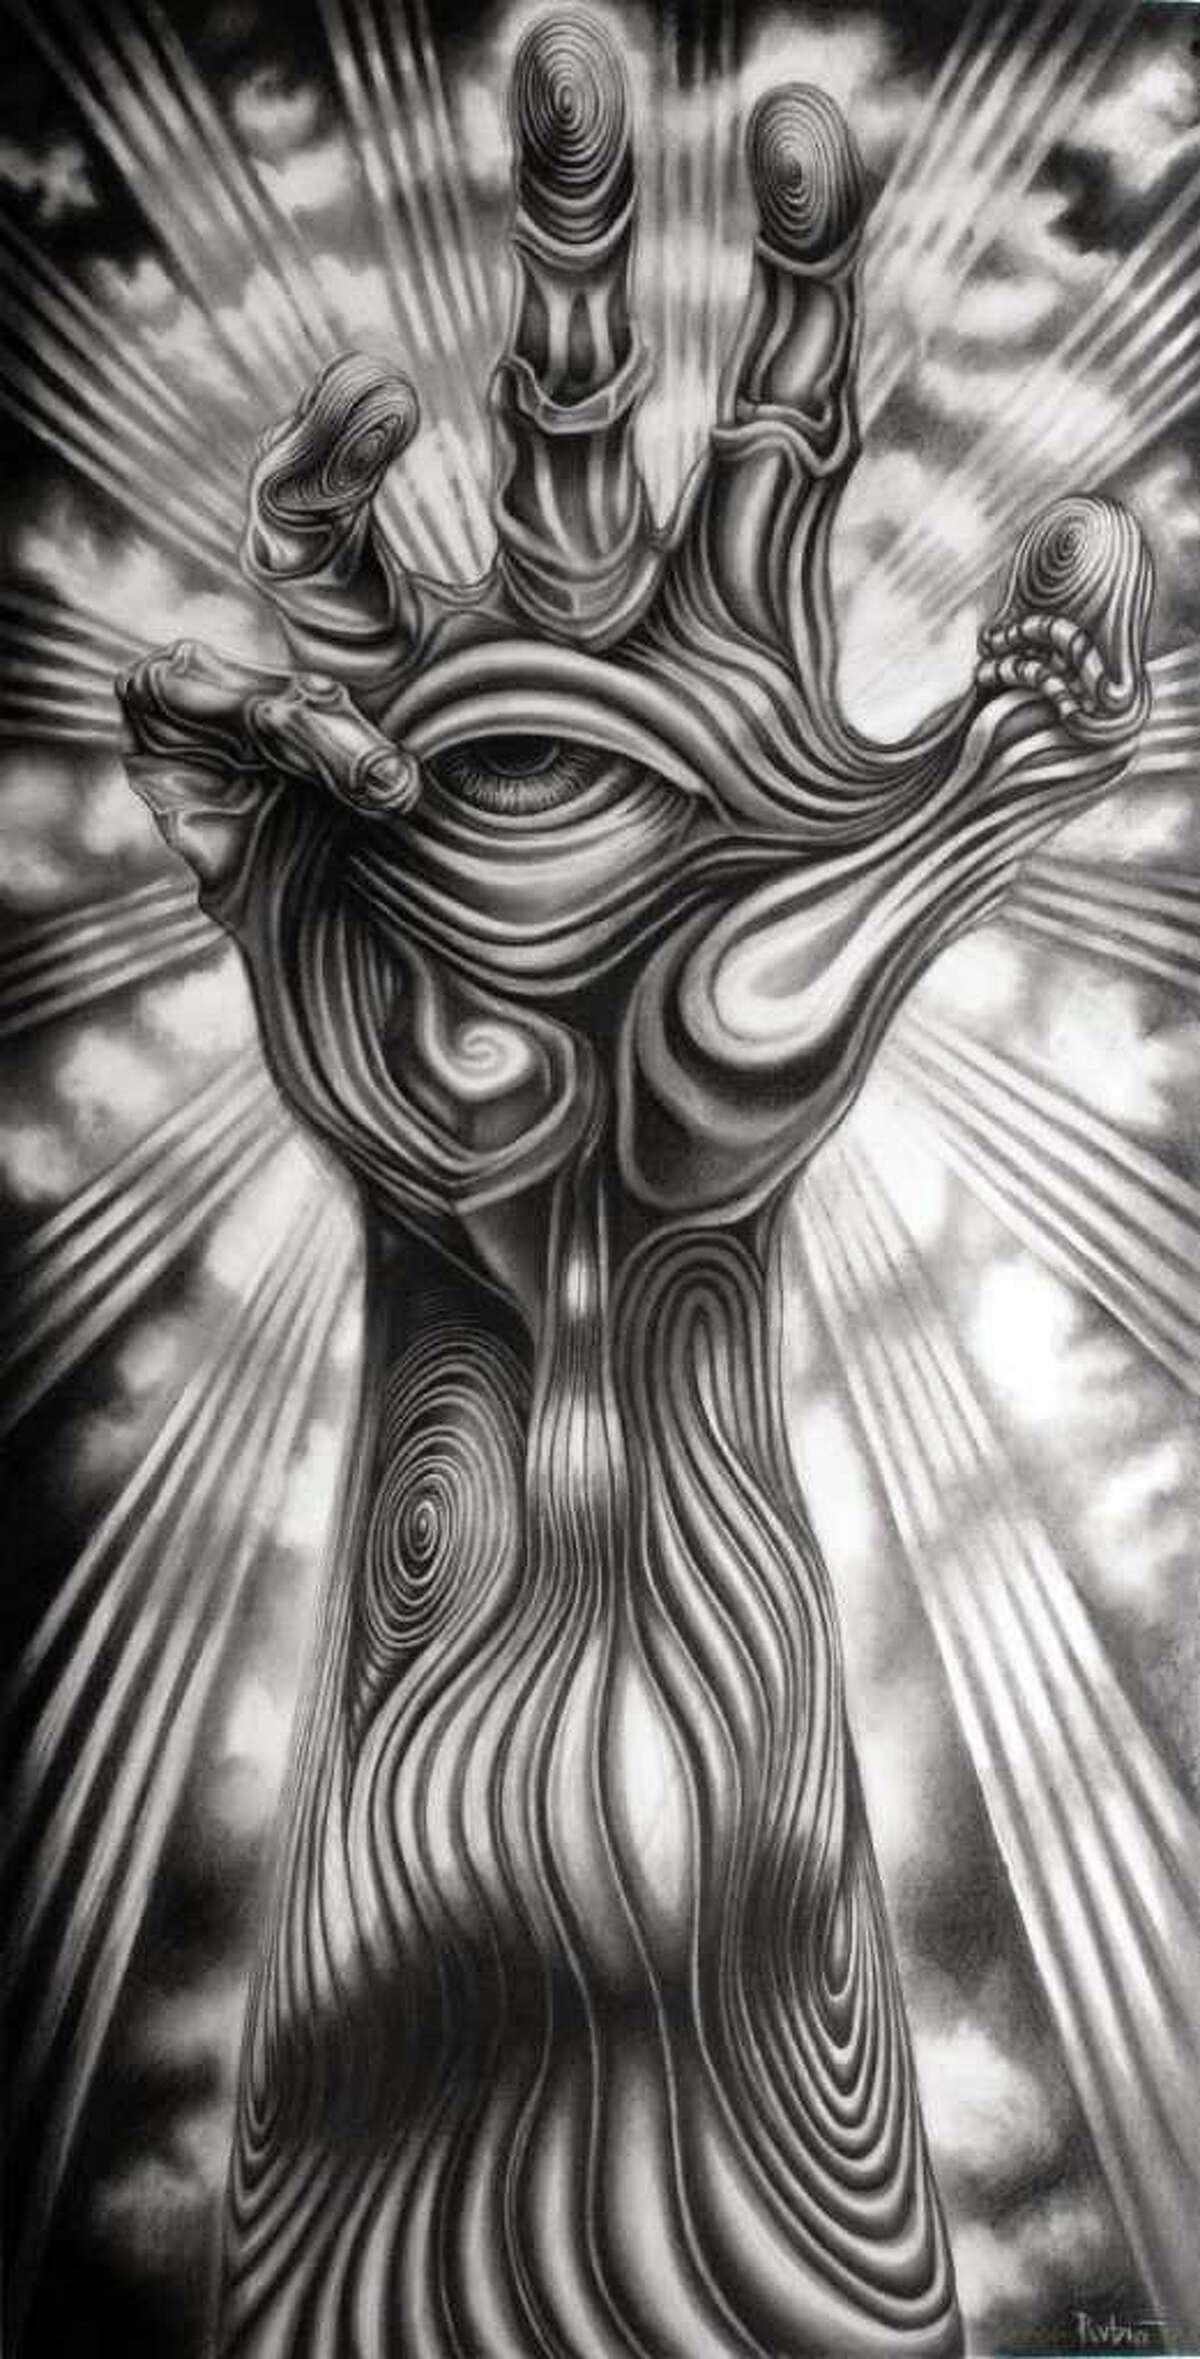 San Antonio artist Alex Rubio's